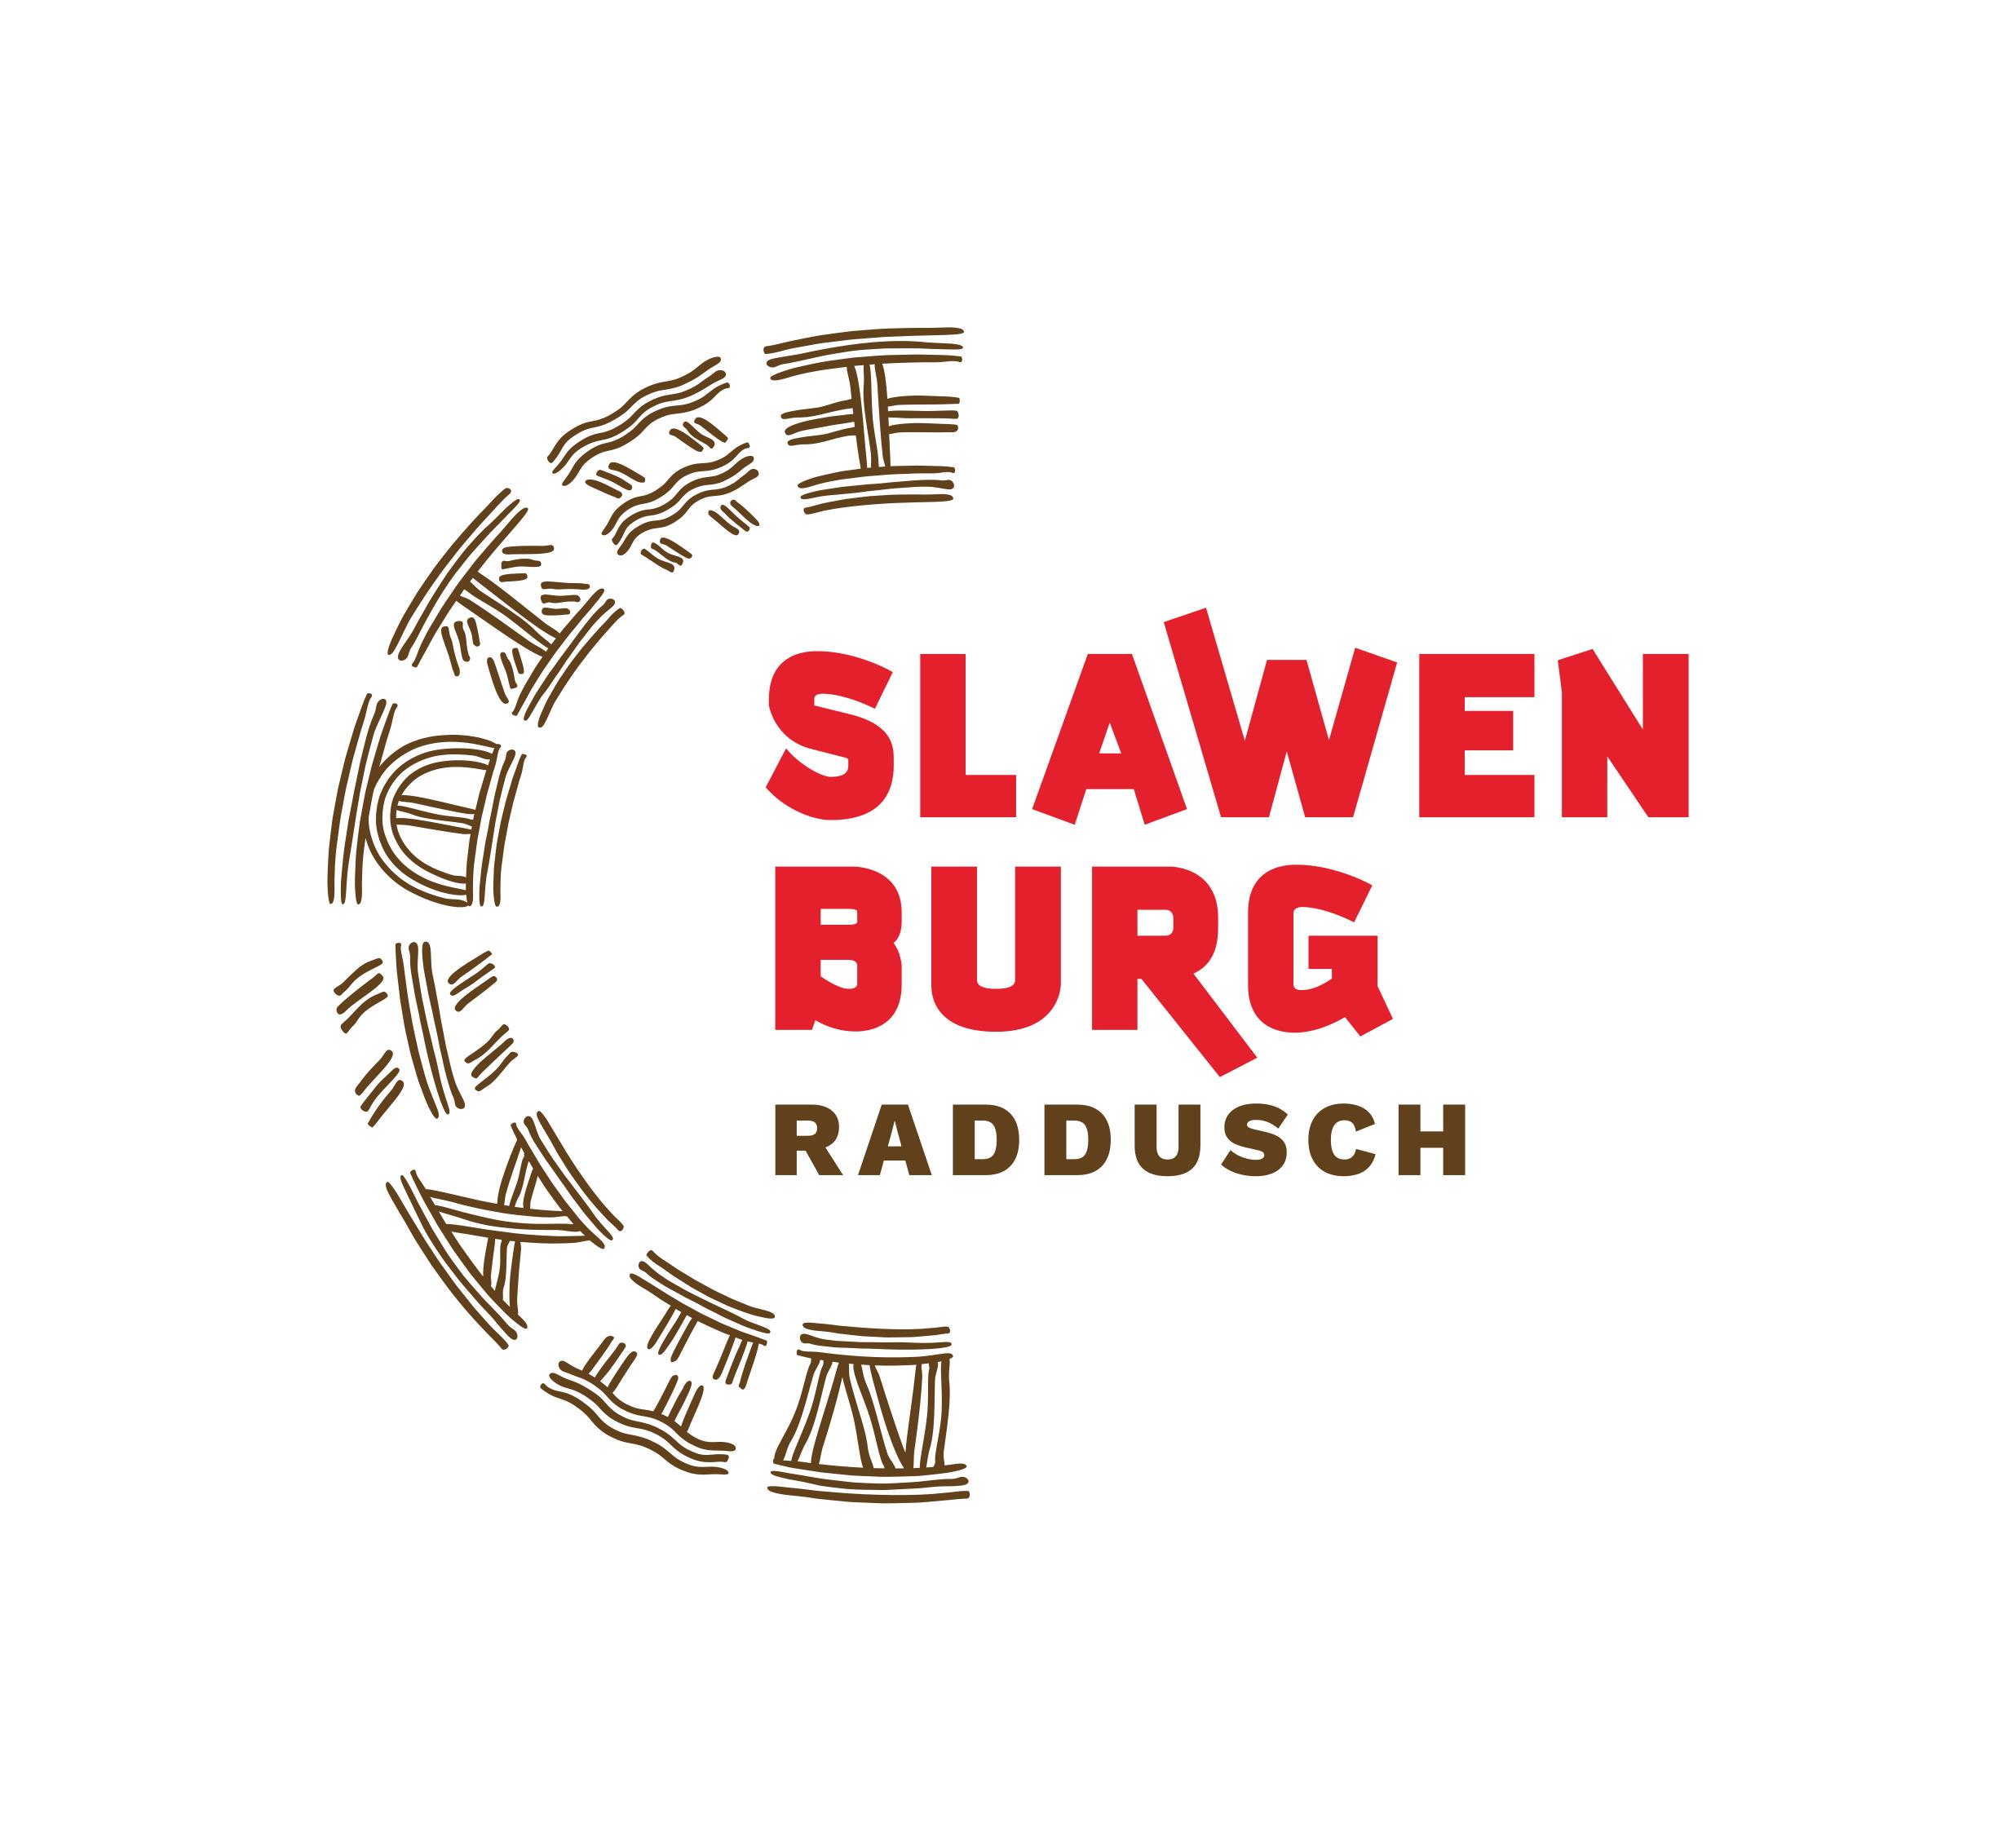 Logo Slawenburg Raddusch, Oe_Grafik